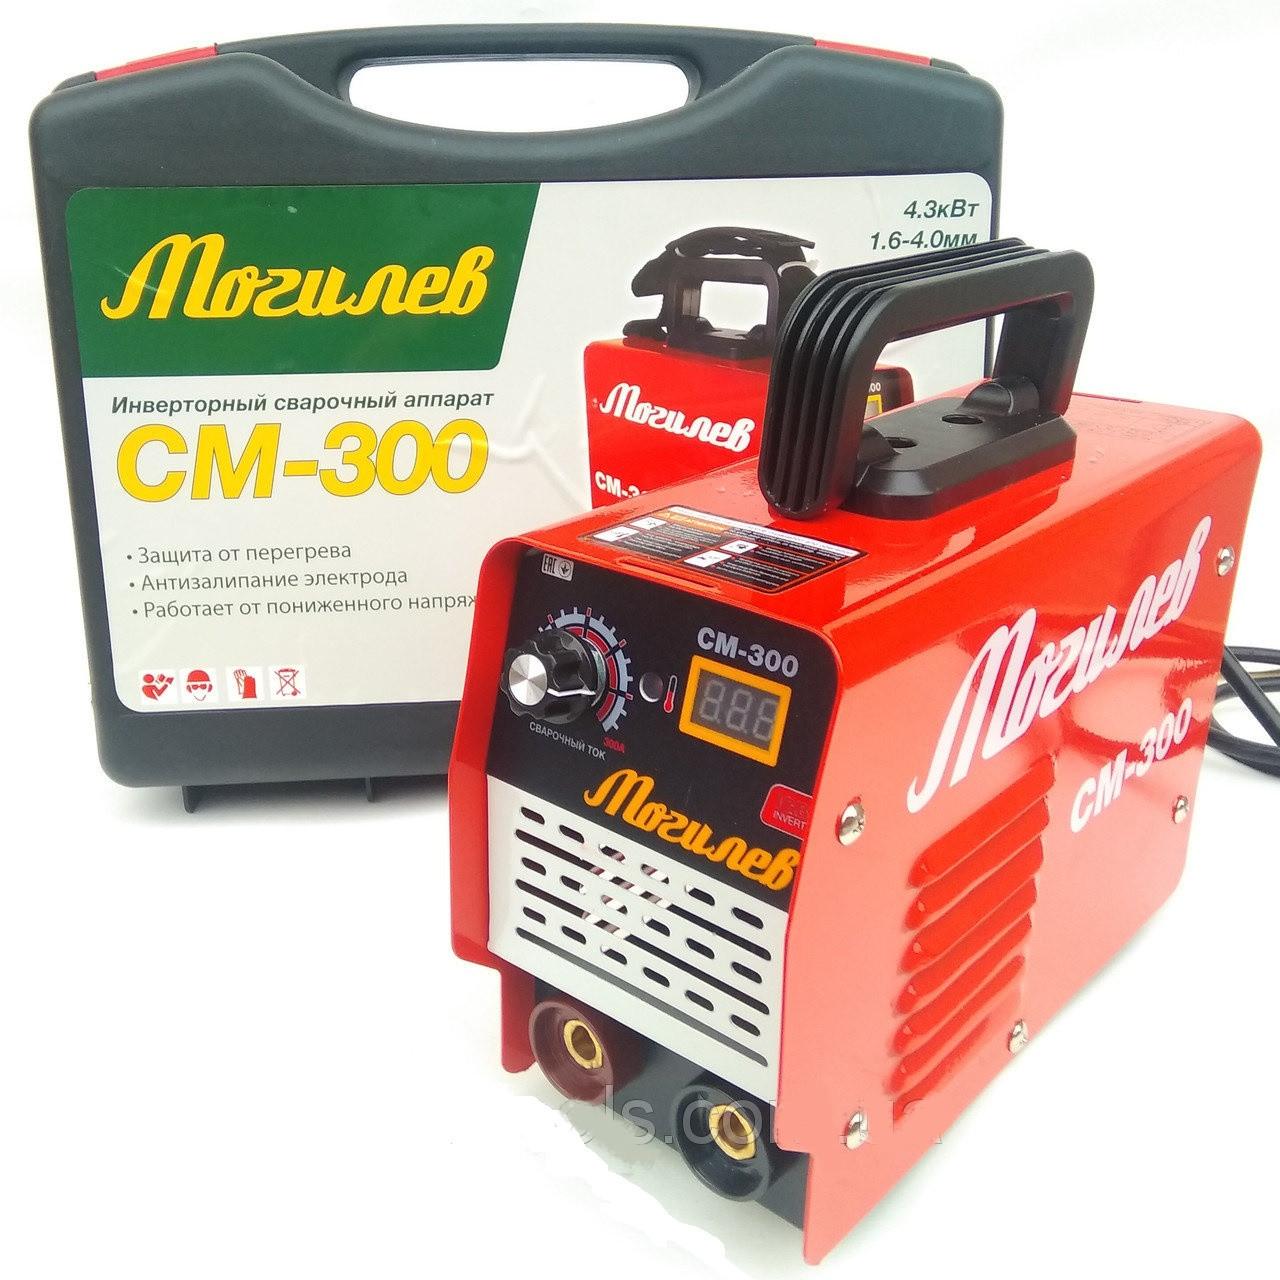 Инверторный сварочный аппарат Могилёв СМ-300 (дисплей + кейс)